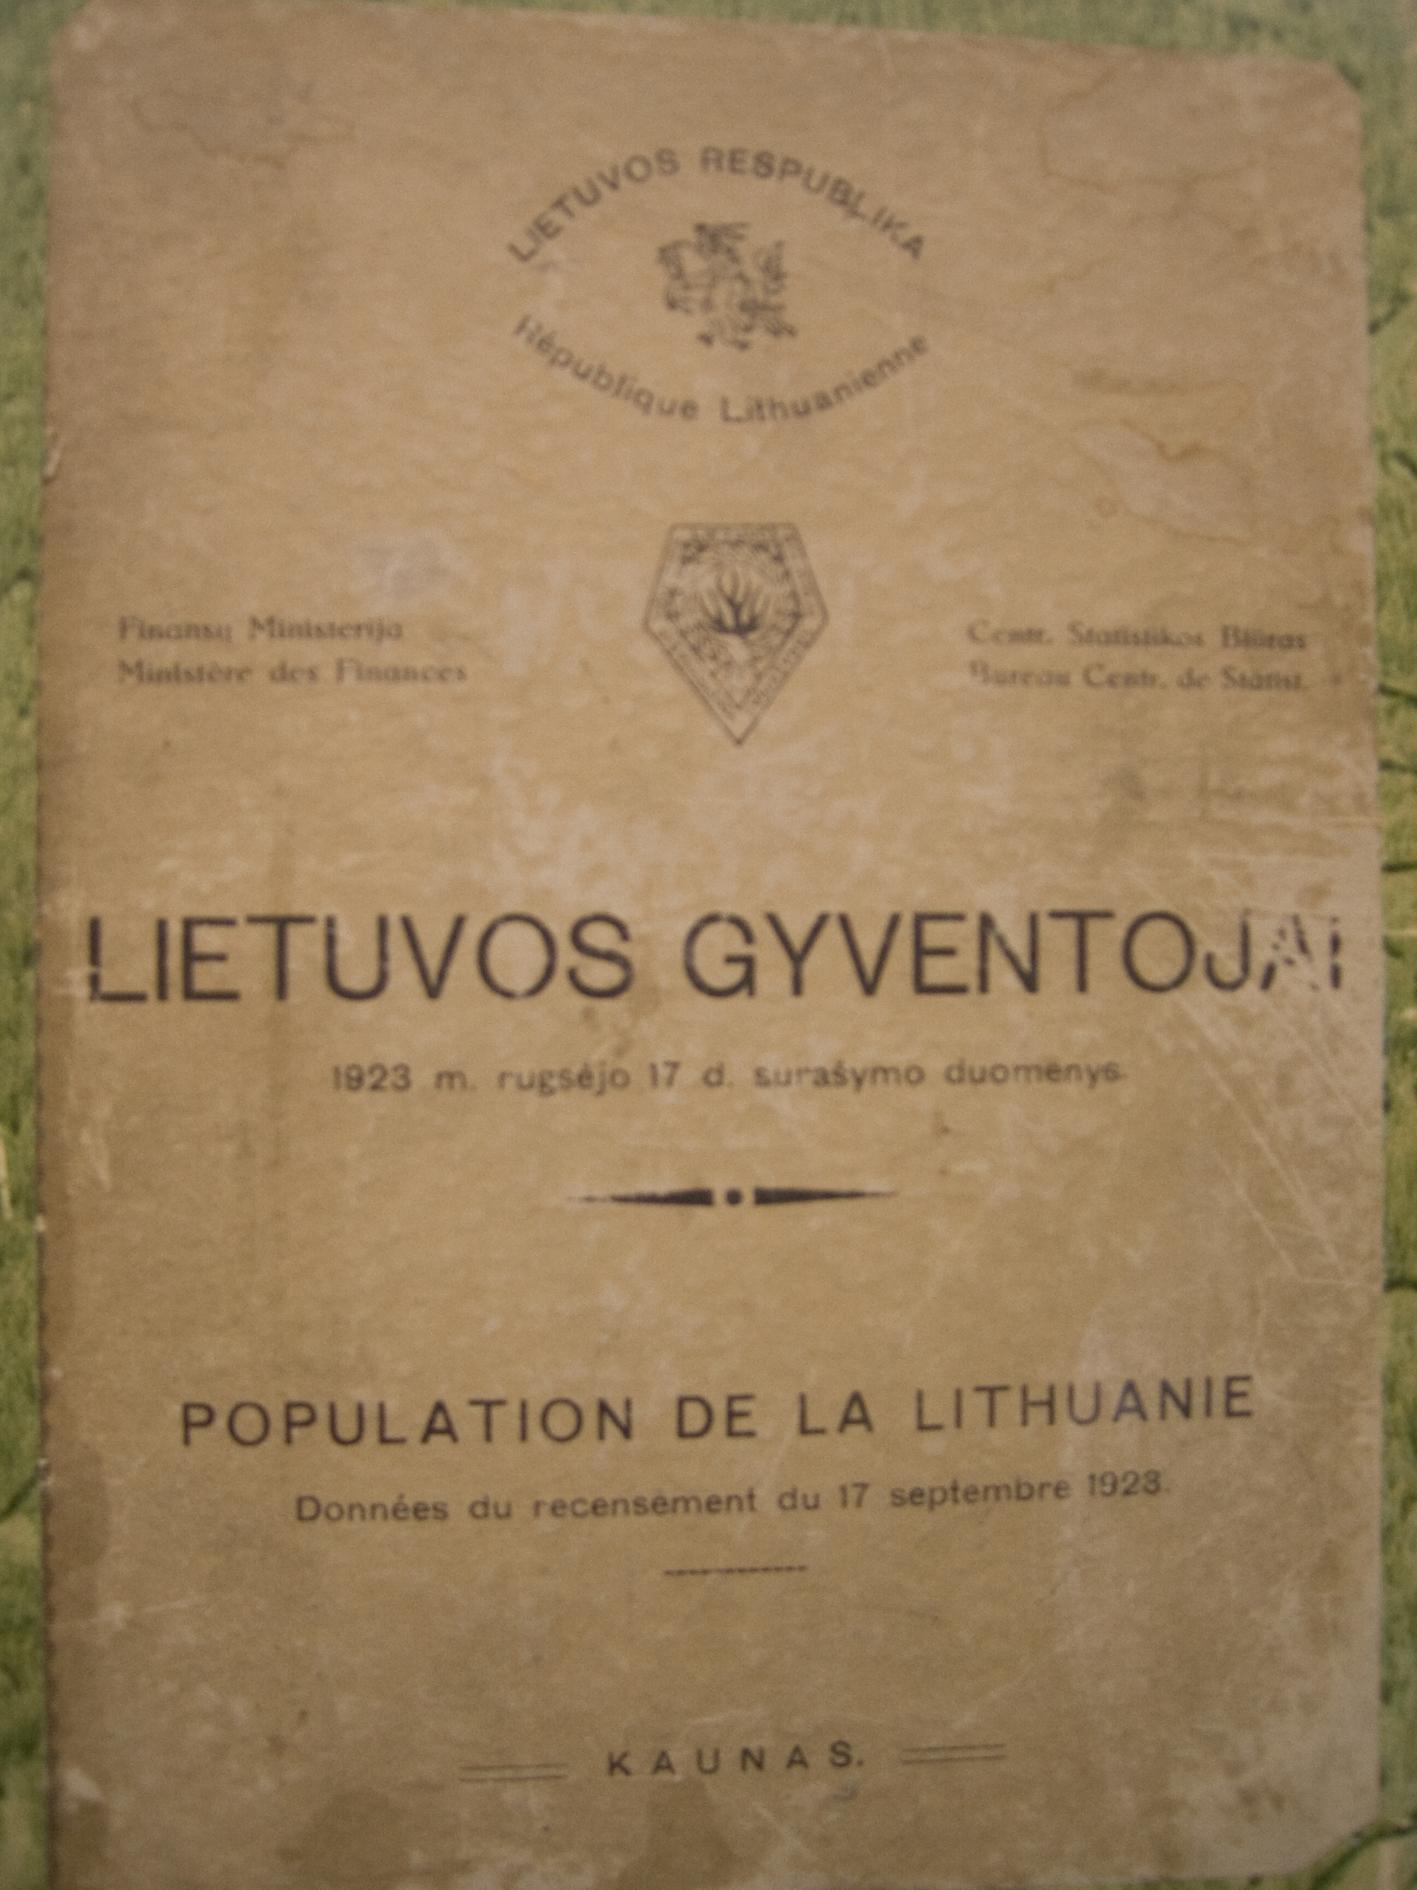 1923_surasymo_virselis